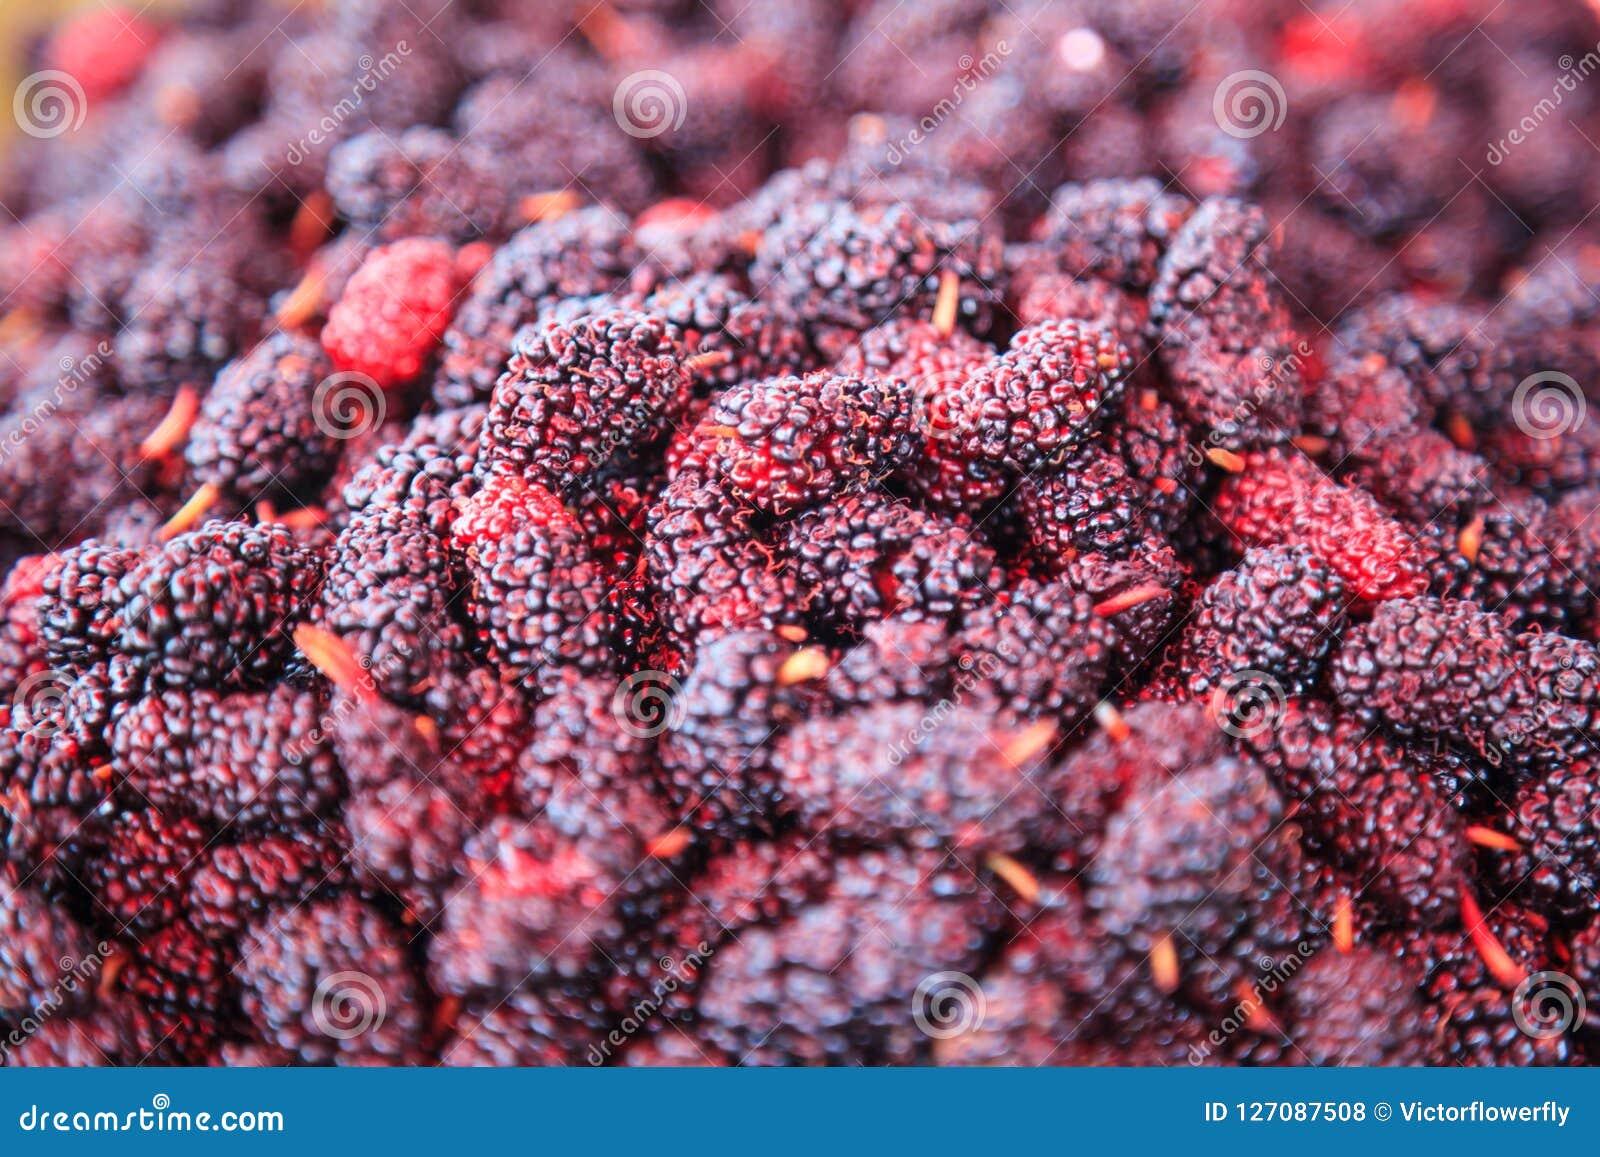 成熟红色和黑暗的紫色甜味道桑树果子背景 桑树的保健福利包括,改进消化, lowe